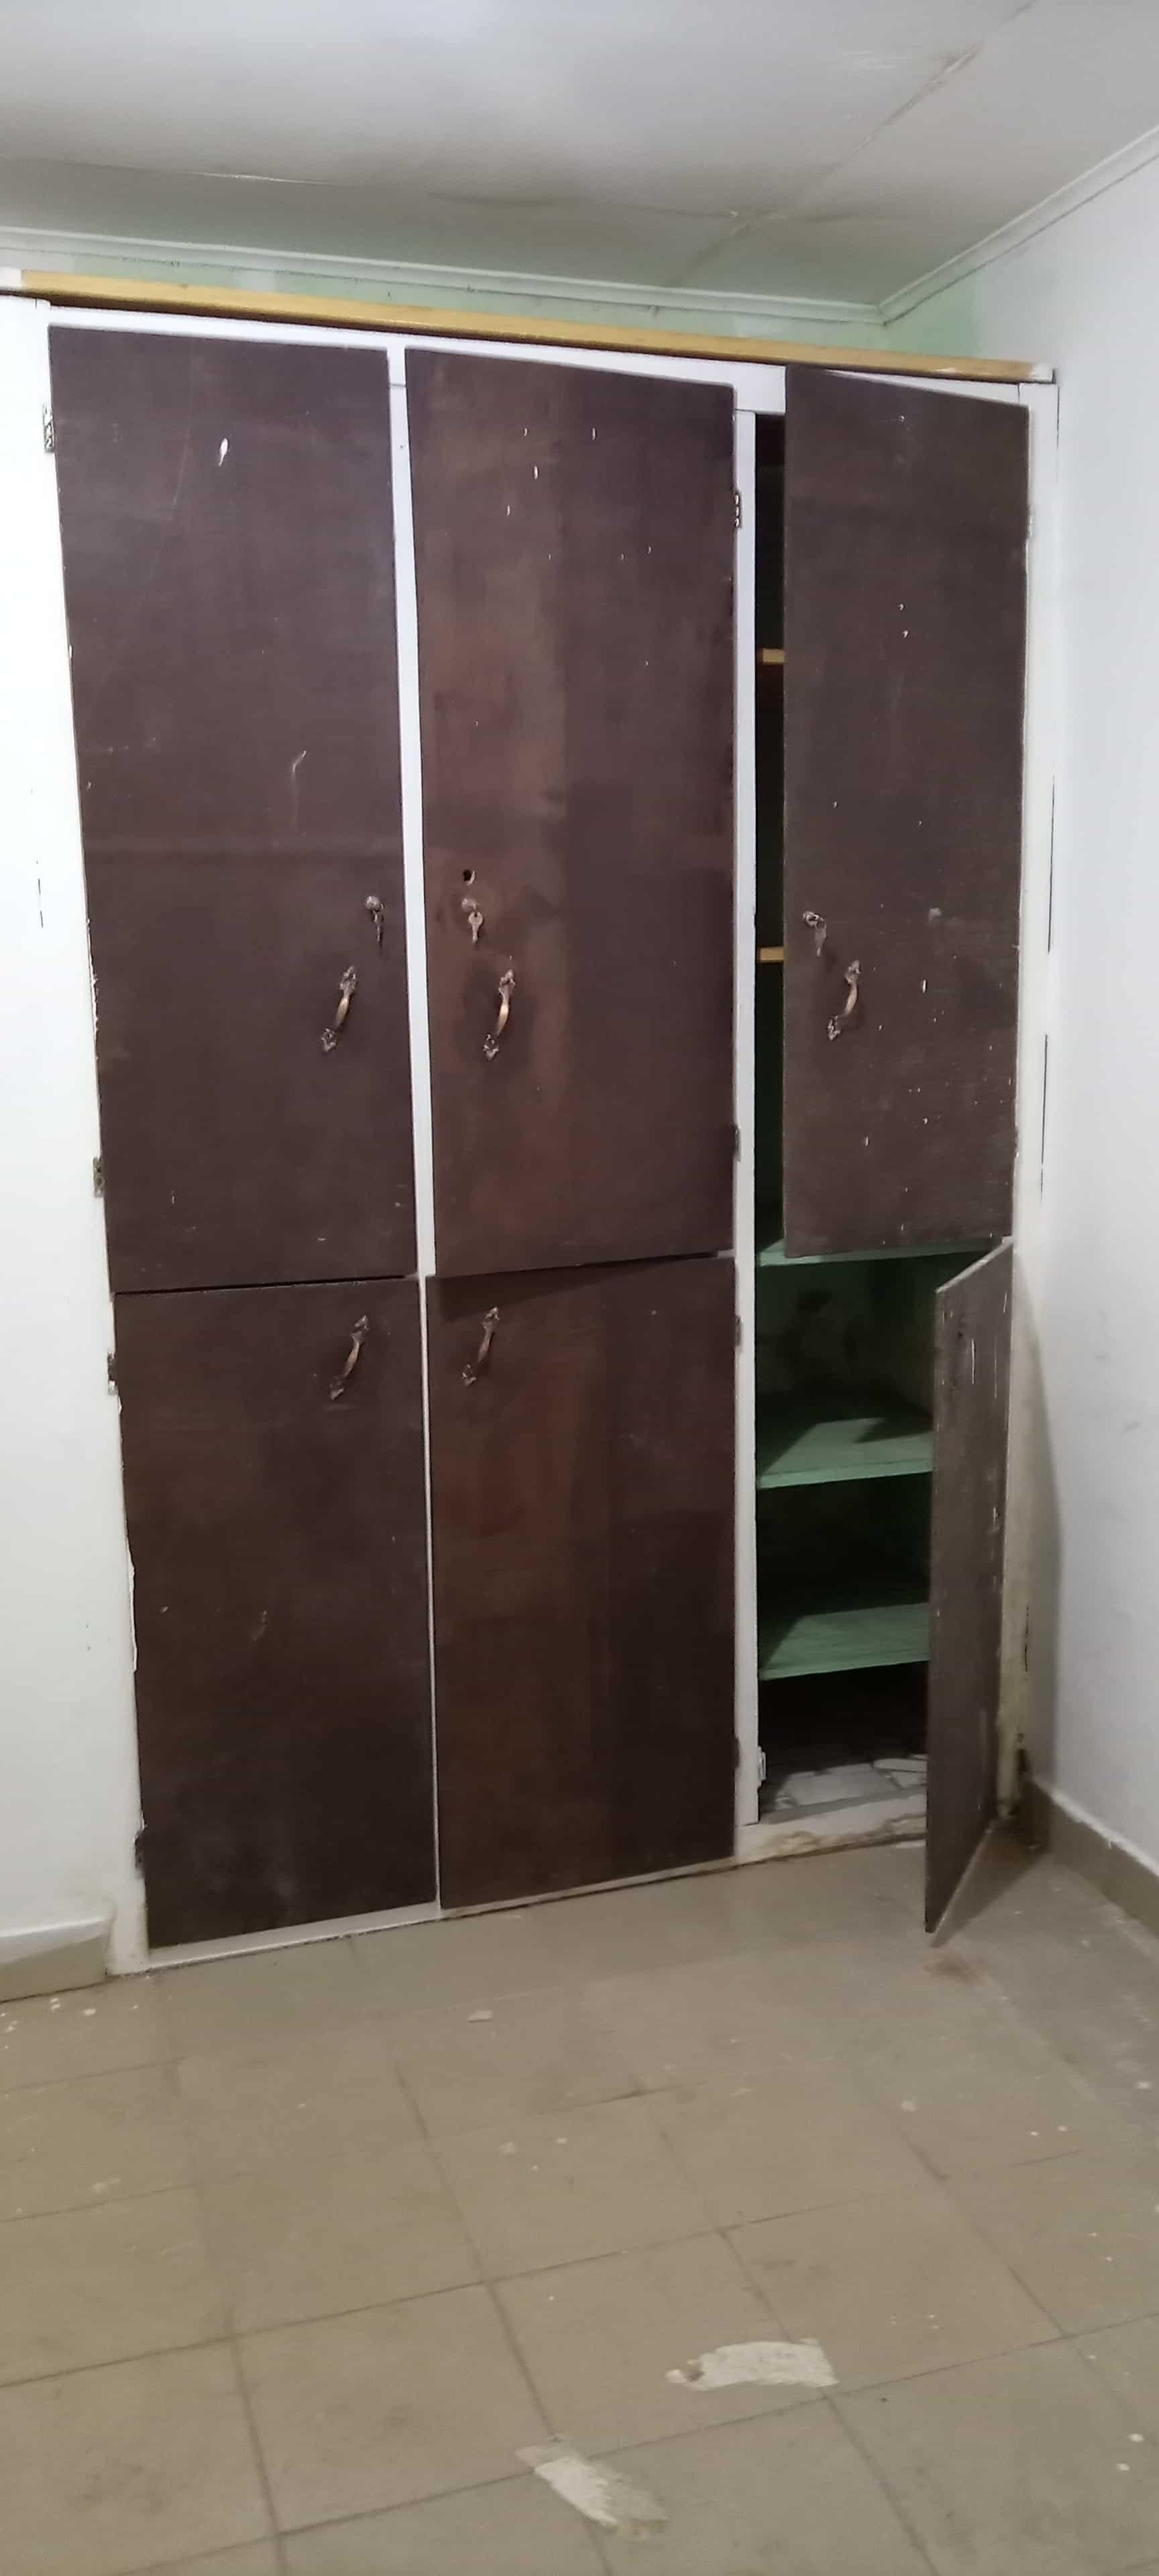 Maison (Villa) à louer - Douala, Bonamoussadi, Ver le JC - 1 salon(s), 3 chambre(s), 3 salle(s) de bains - 250 000 FCFA / mois